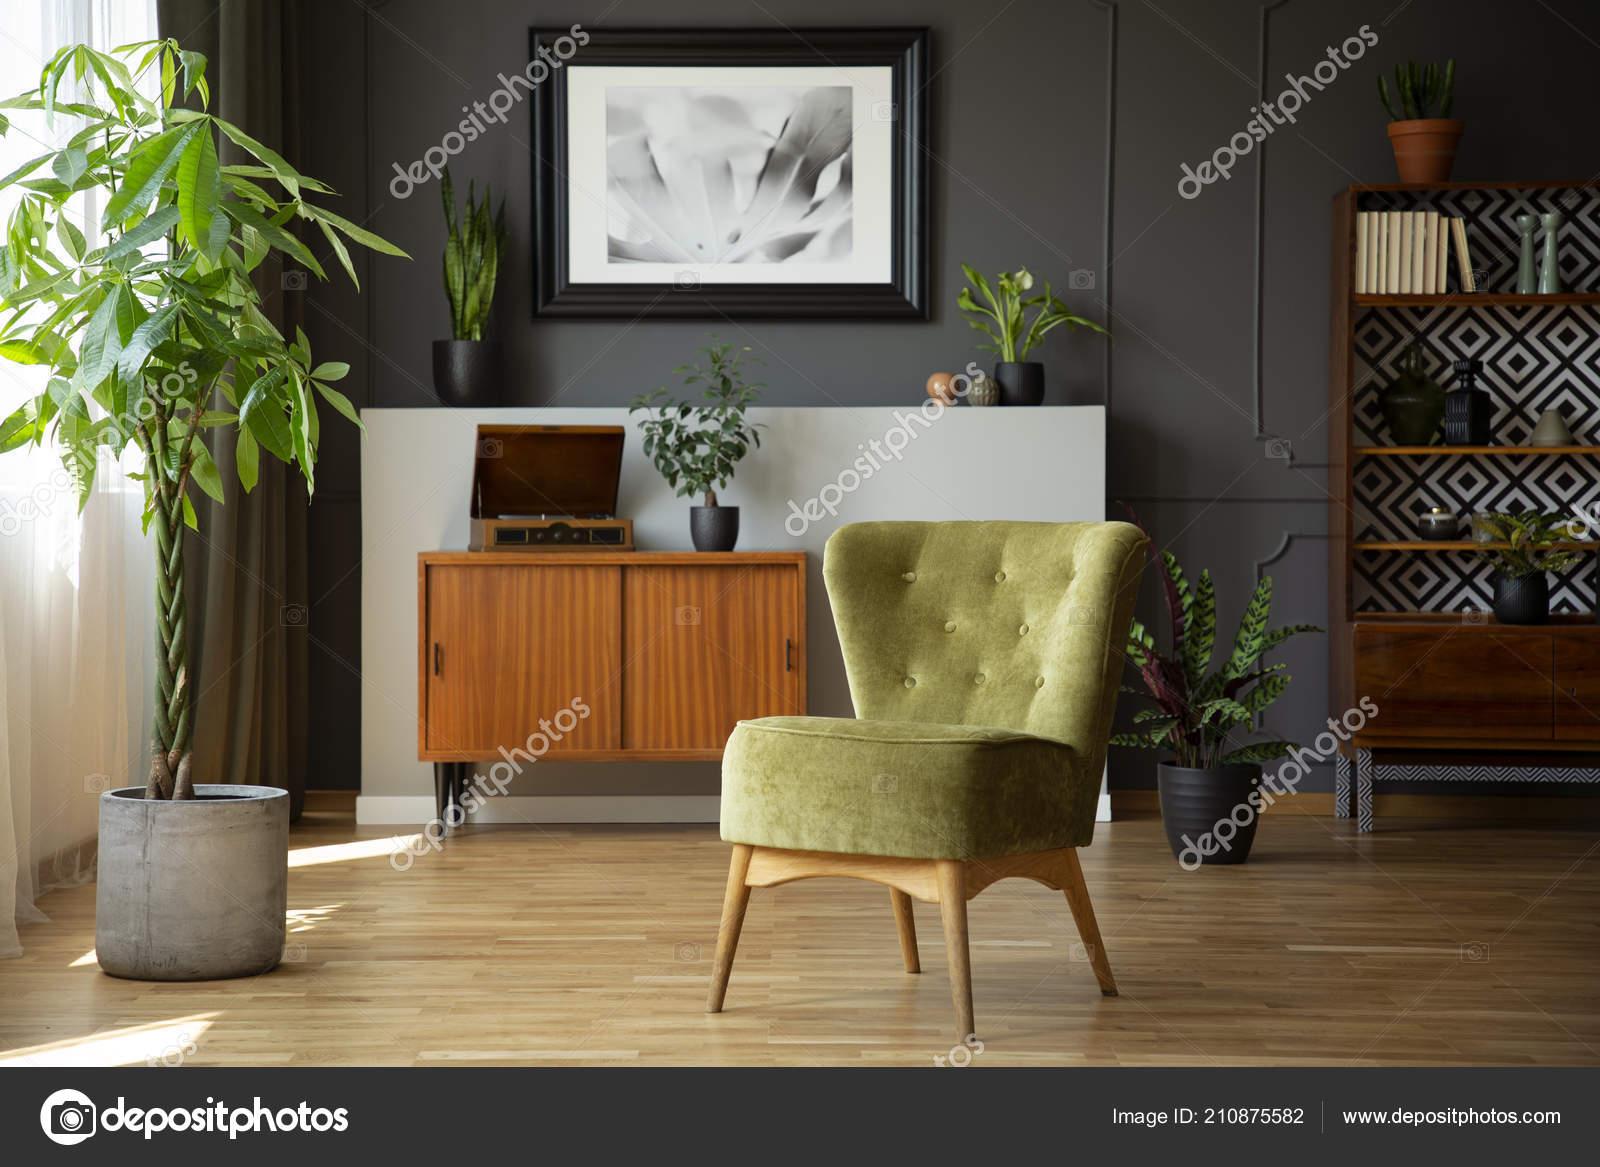 Groene Stoel Planten Grijs Woonkamer Interieur Met Poster